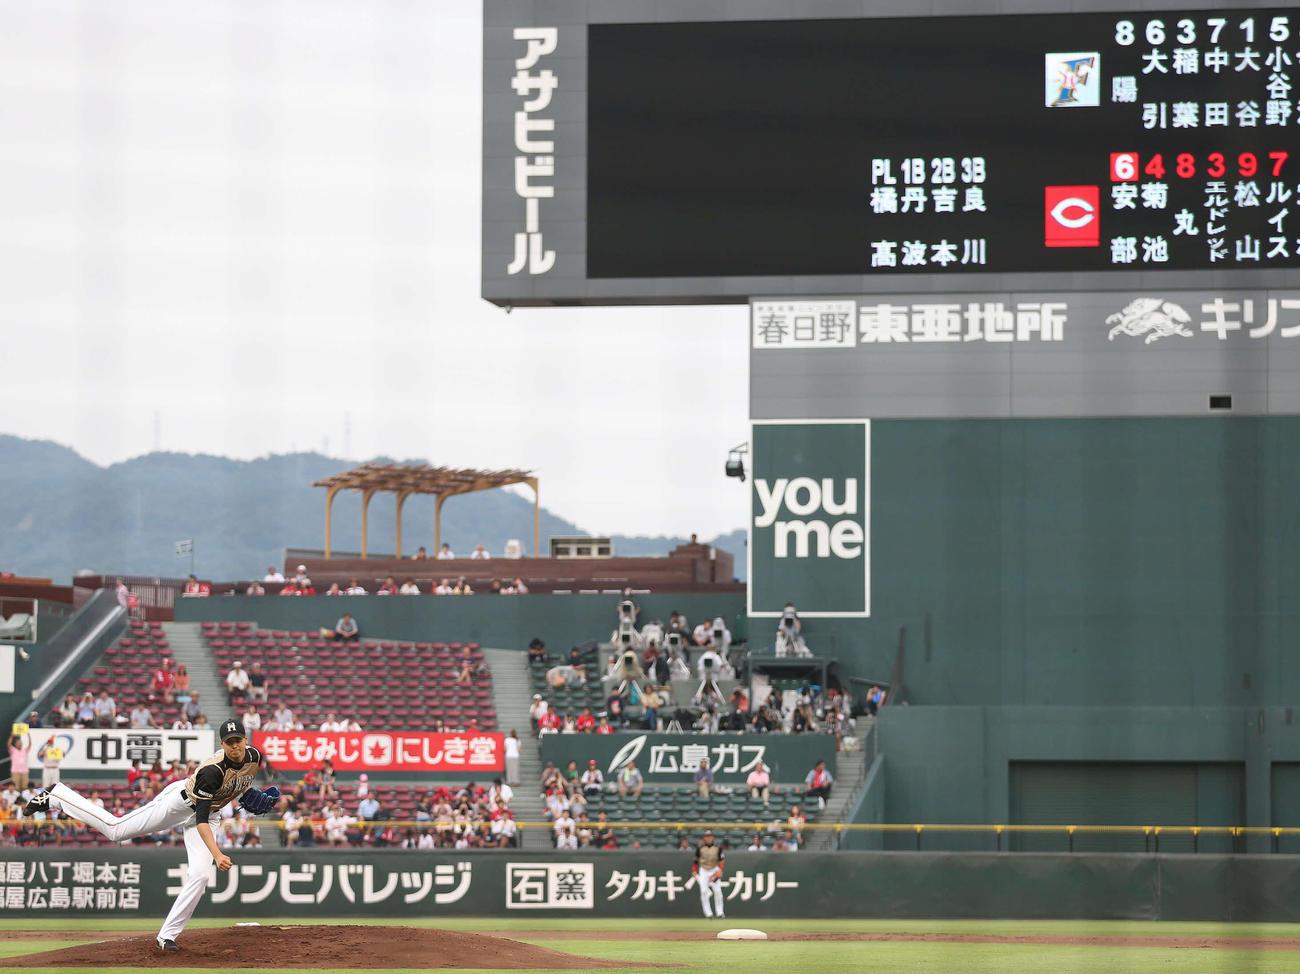 5番投手で先発した大谷翔平。投げては4回3失点も157キロを記録(2013年6月18日、撮影・井上学)